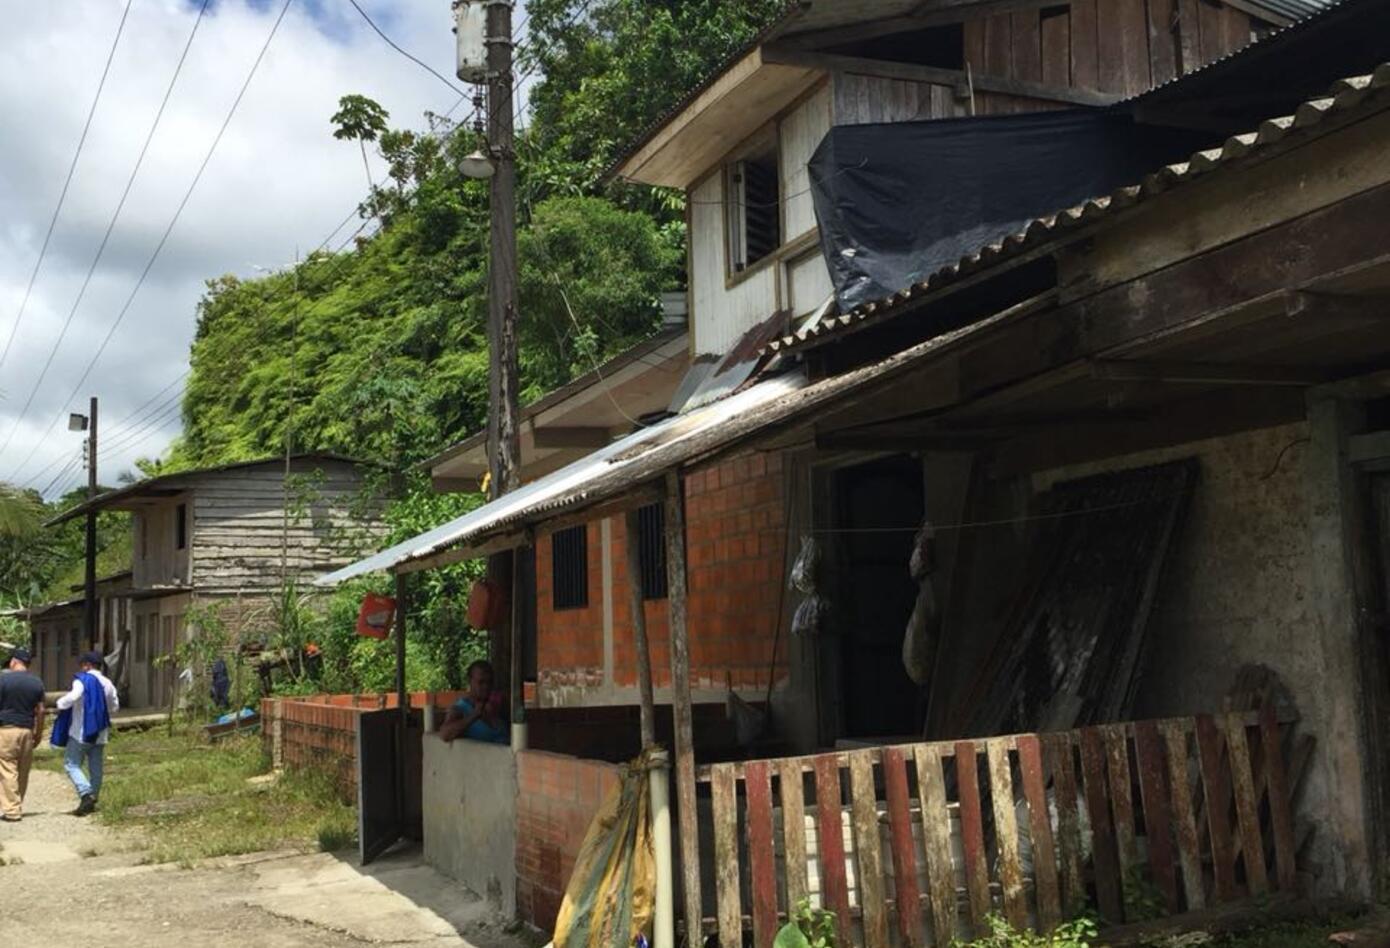 Calles de Puerto Merizalde, Valle del Cauca